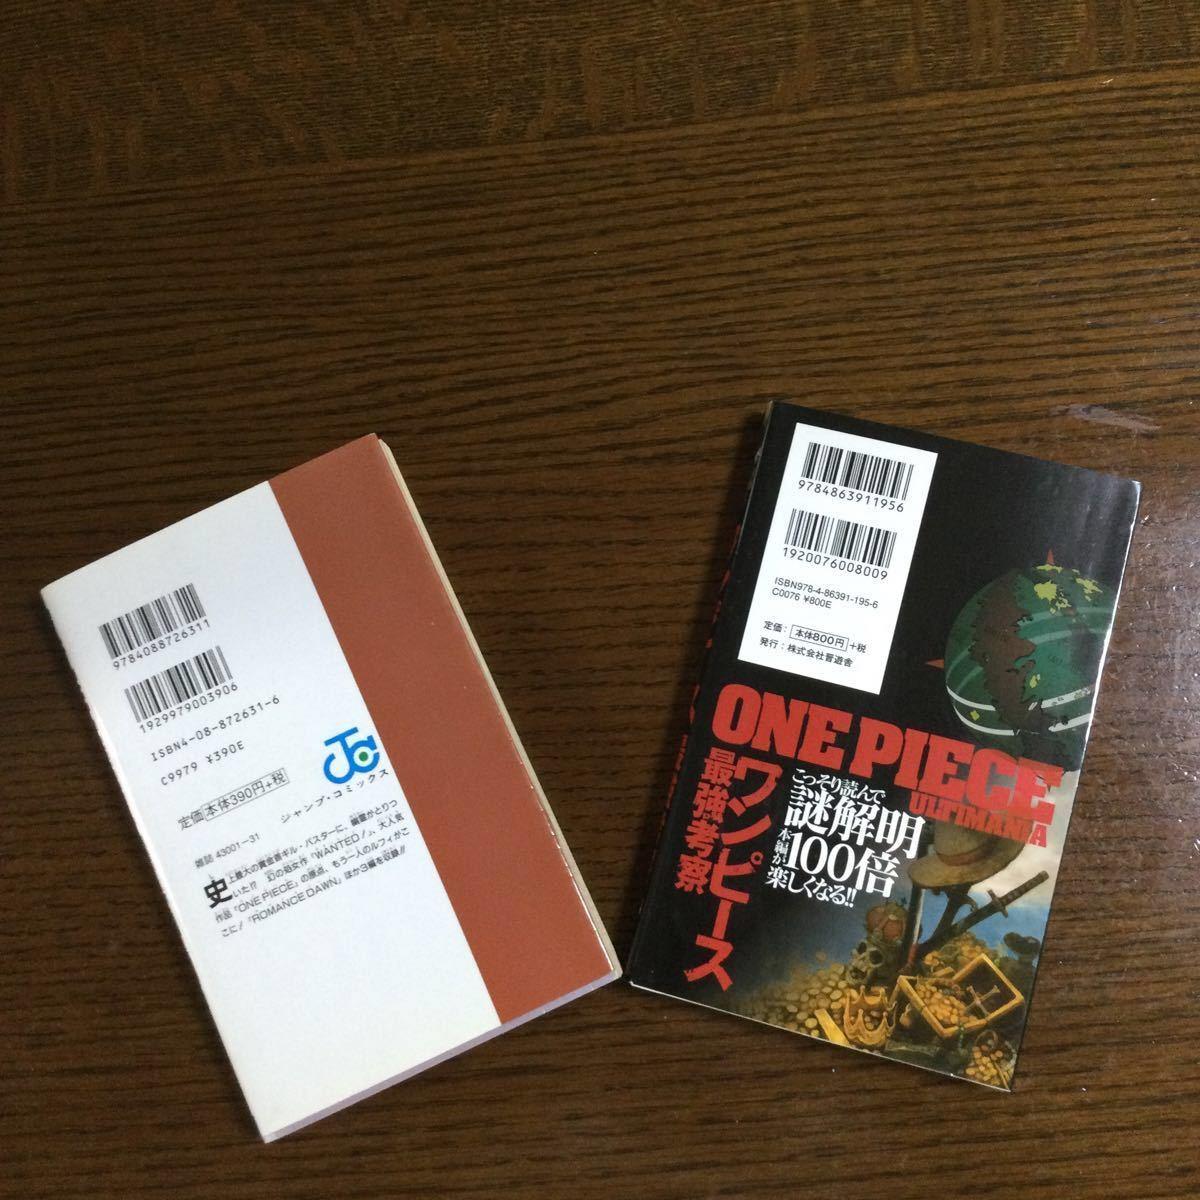 尾田栄一郎 ONE PIECE  45巻セット+関連本2冊